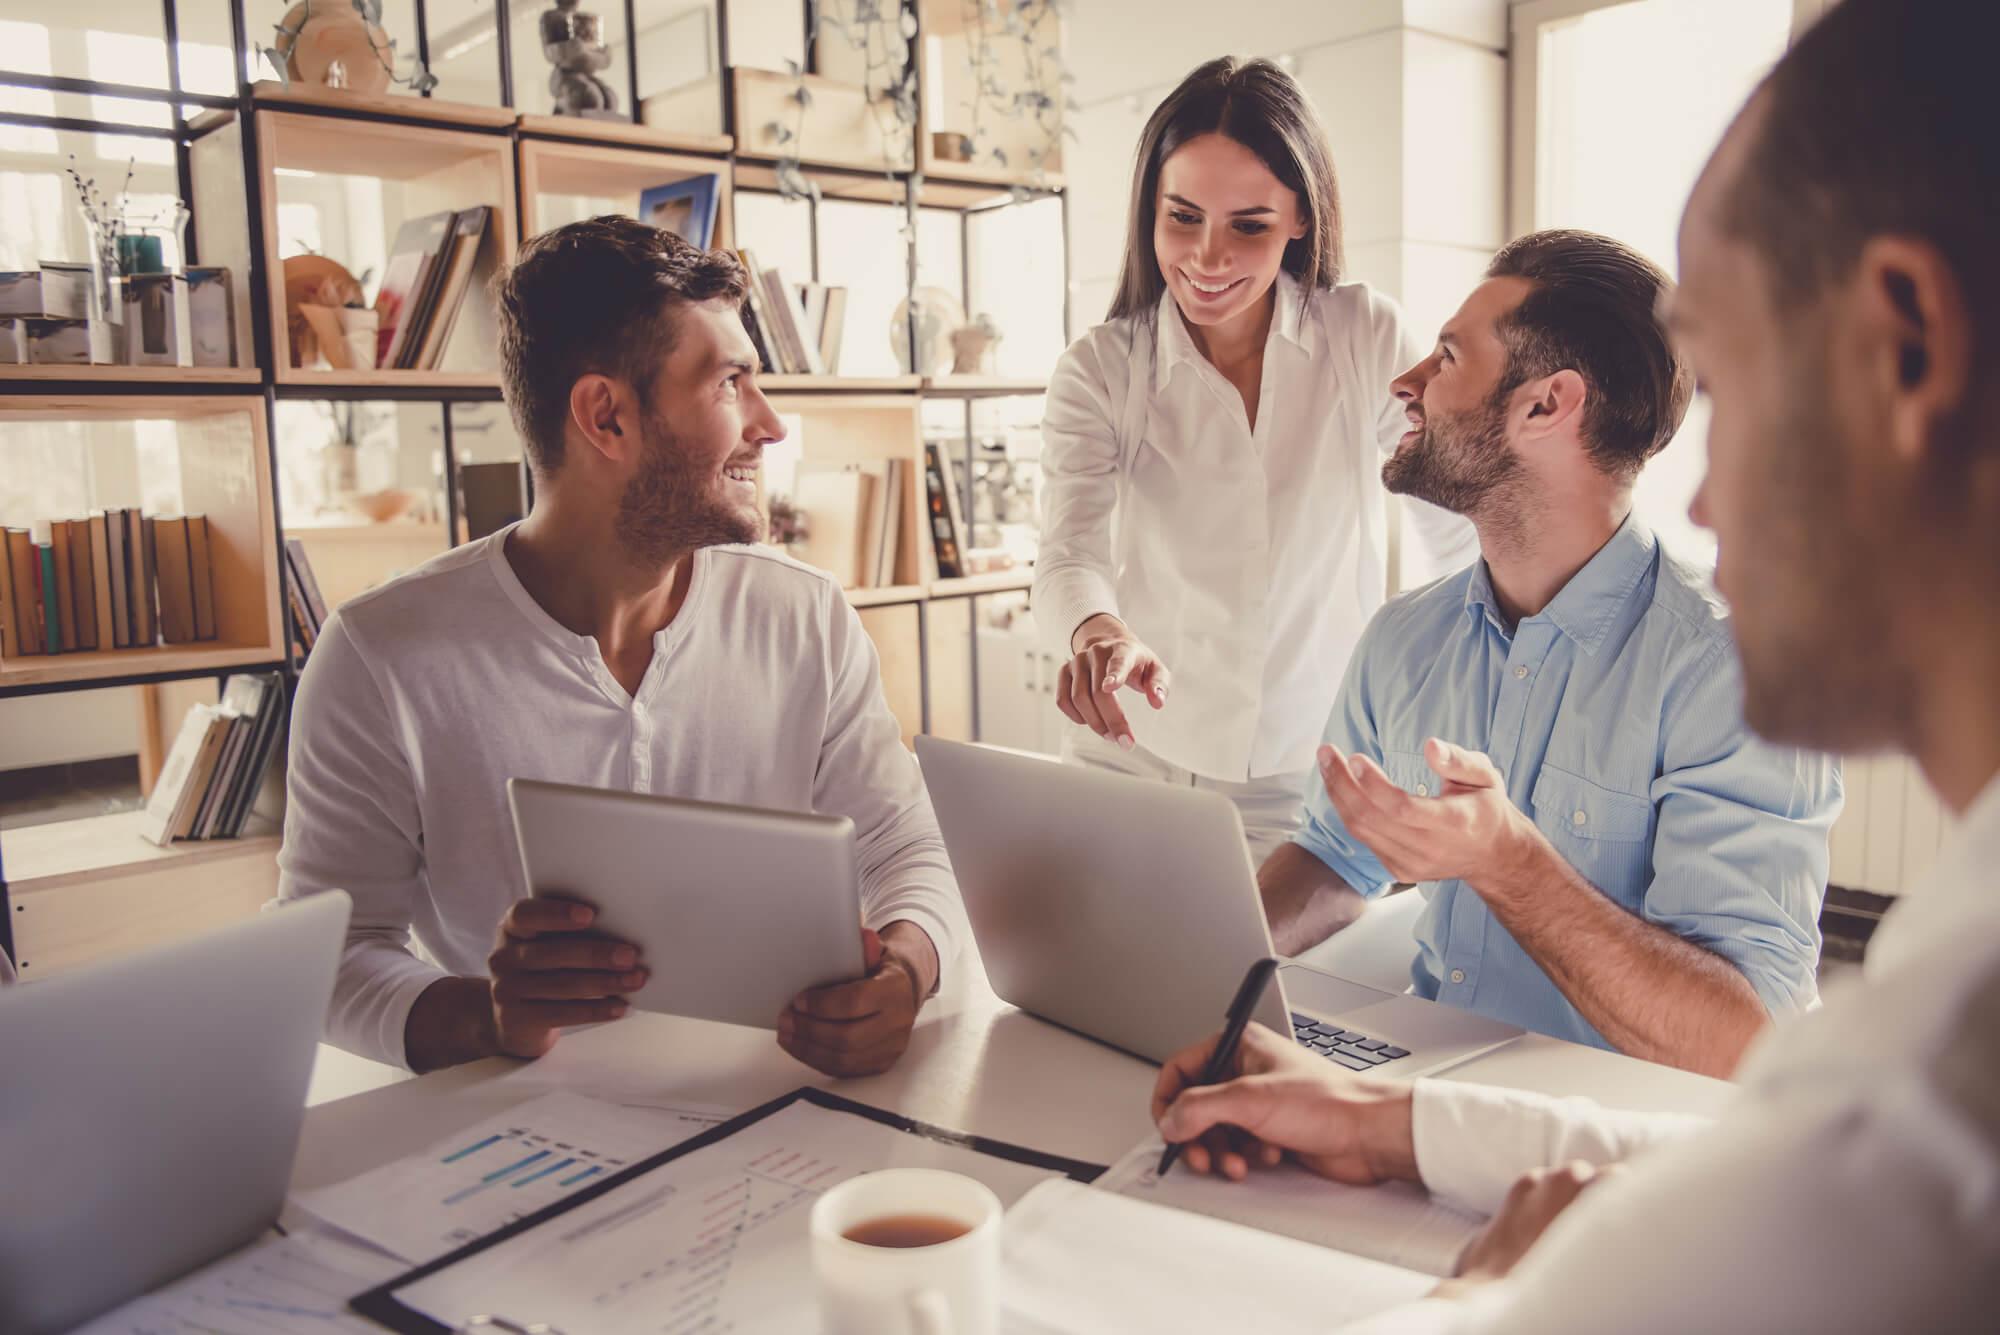 Entenda a importância da gestão de pessoas no ambiente empresarial